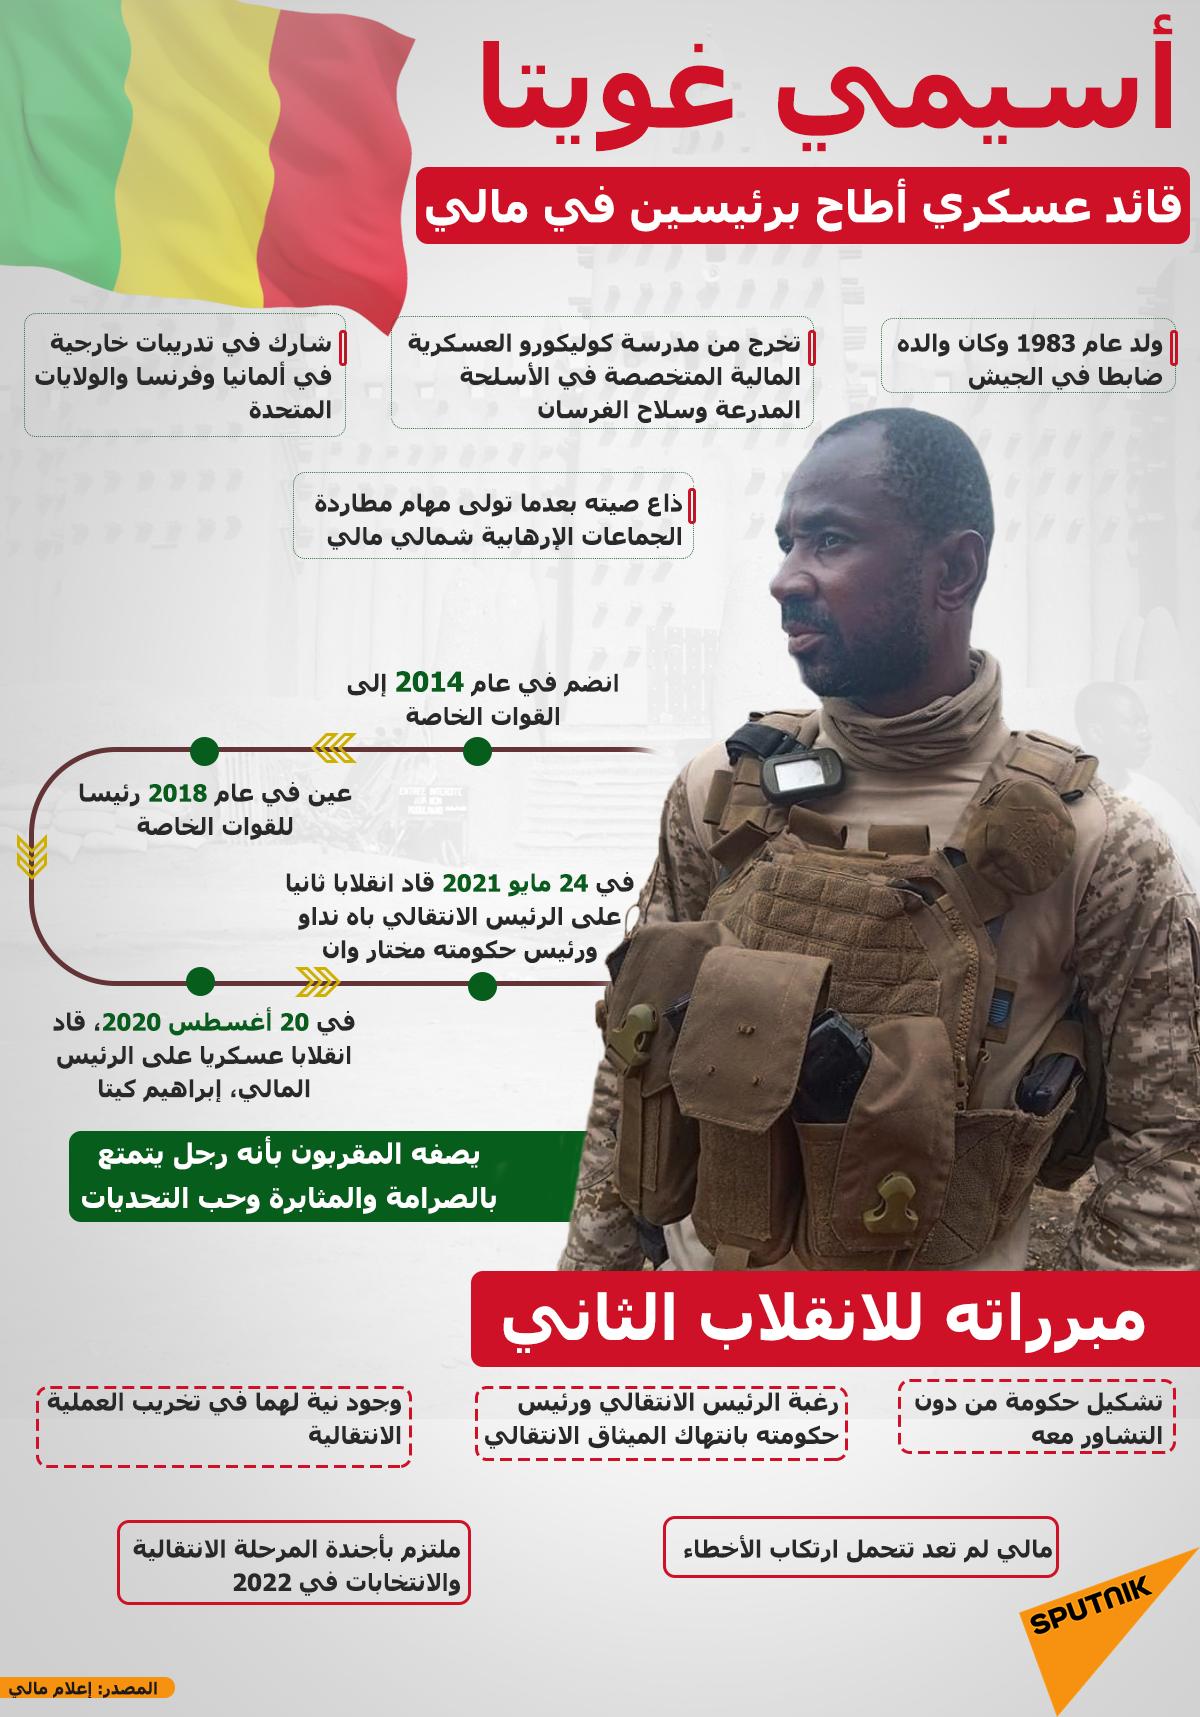 أسيمي غويتا.. الرجل القوي الذي أطاح برئيسين في مالي